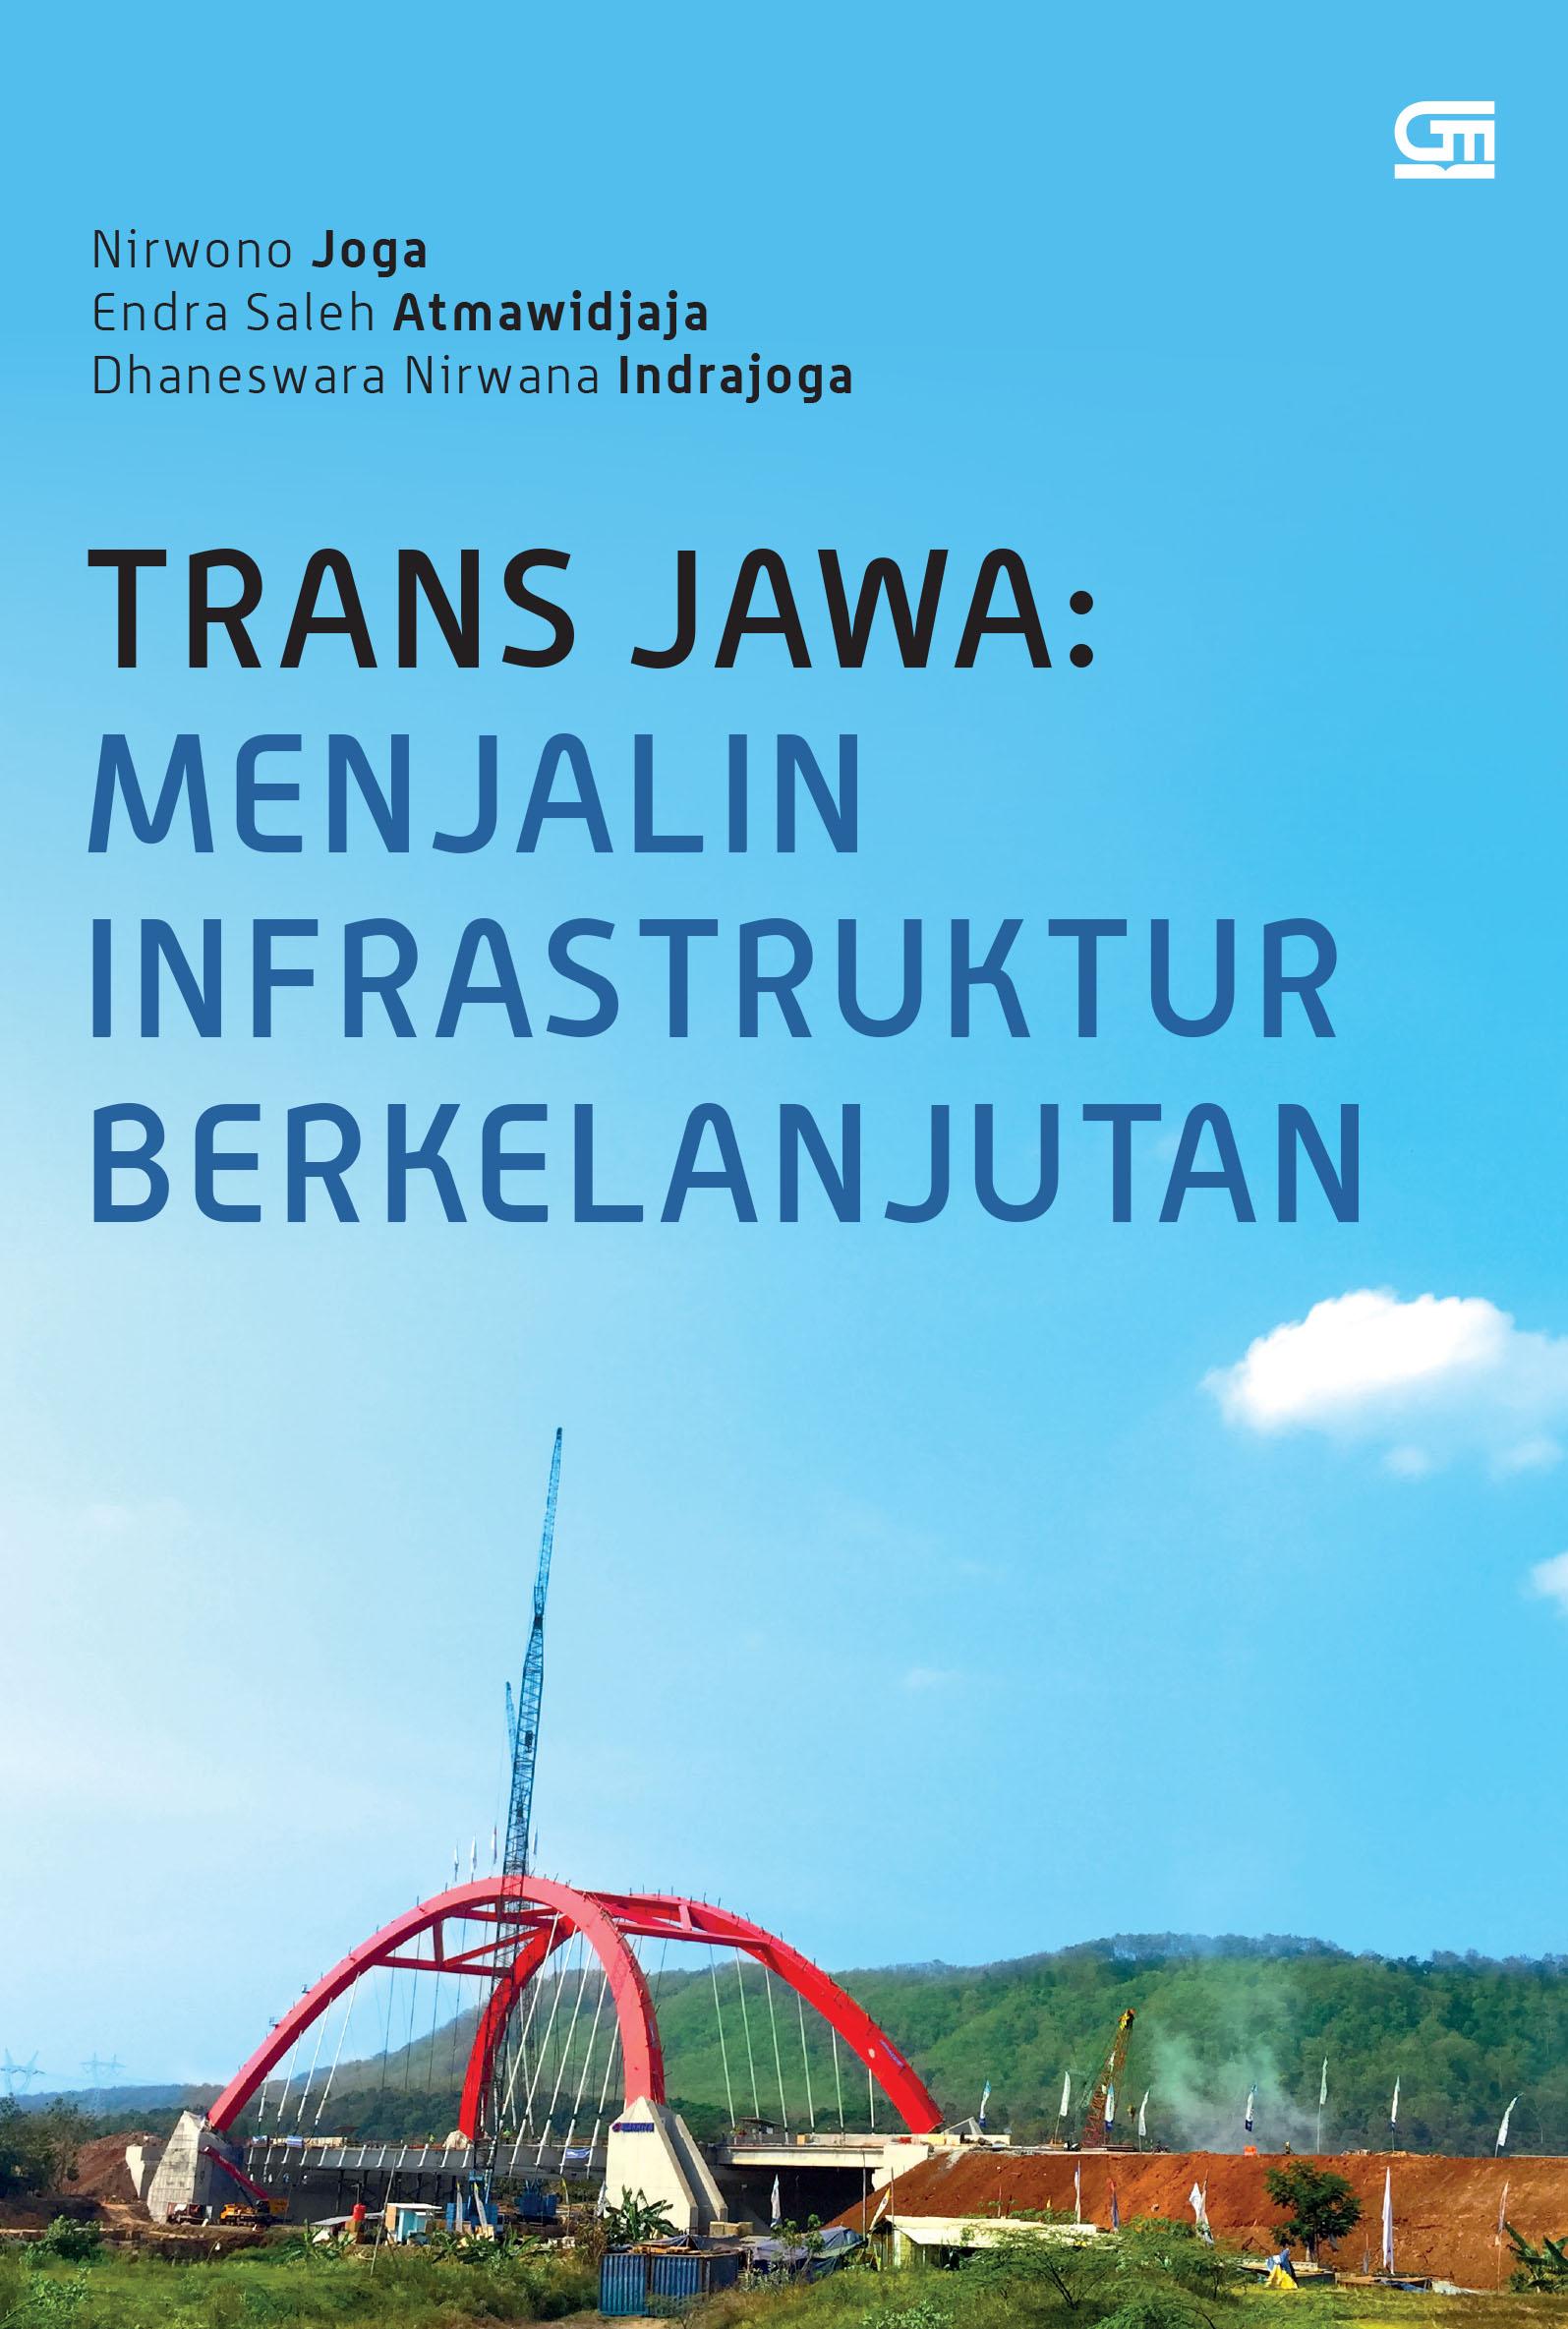 Trans Jawa: Menjalin Infrastruktur Berkelanjutan